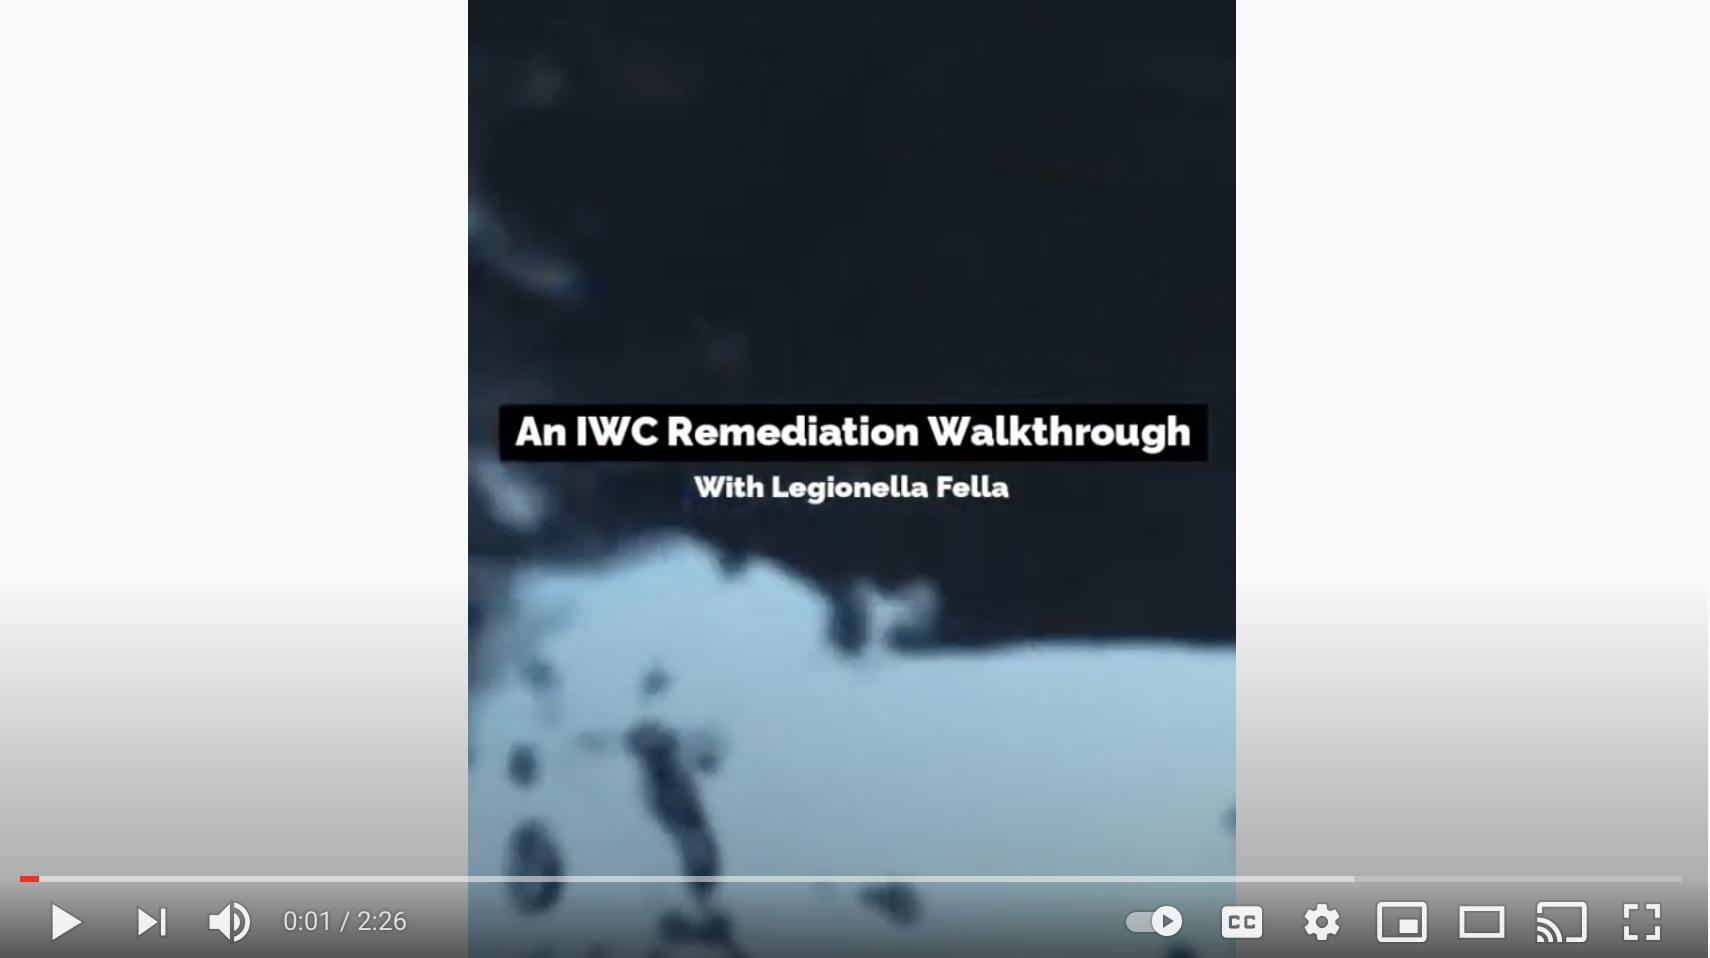 Remediation Walkthrough